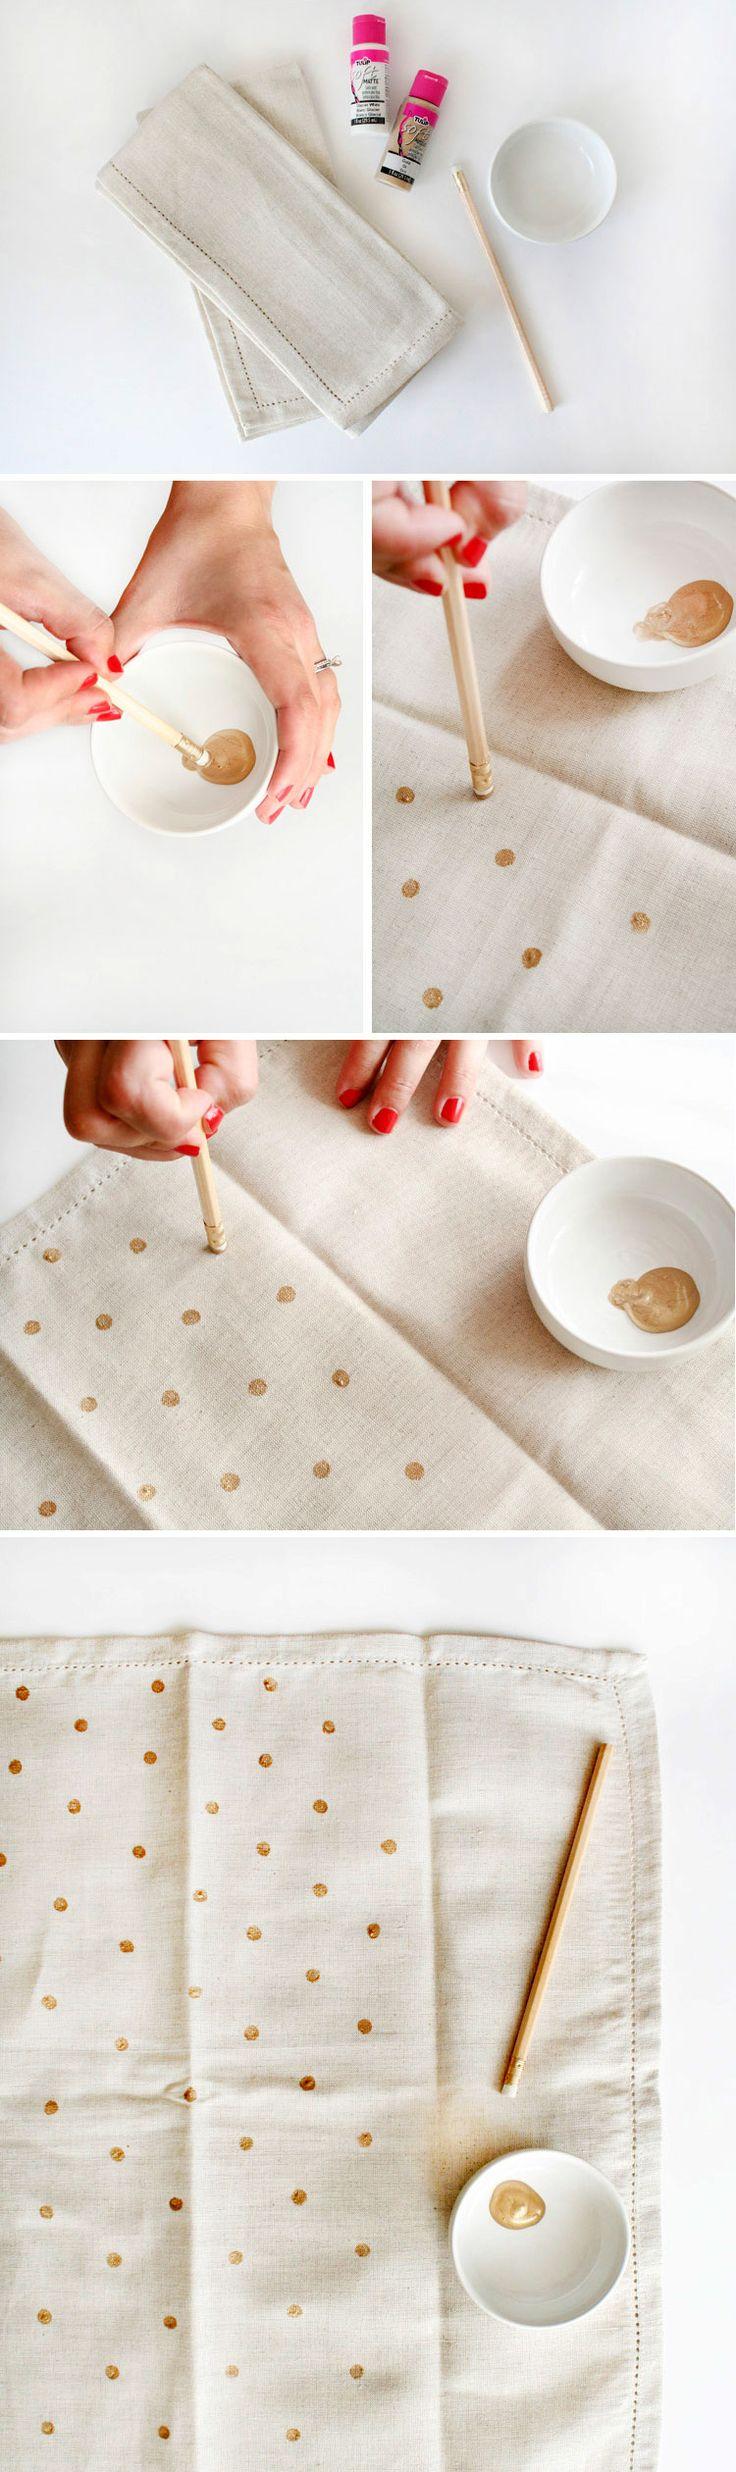 How to make DIY Polka Dot Napkins